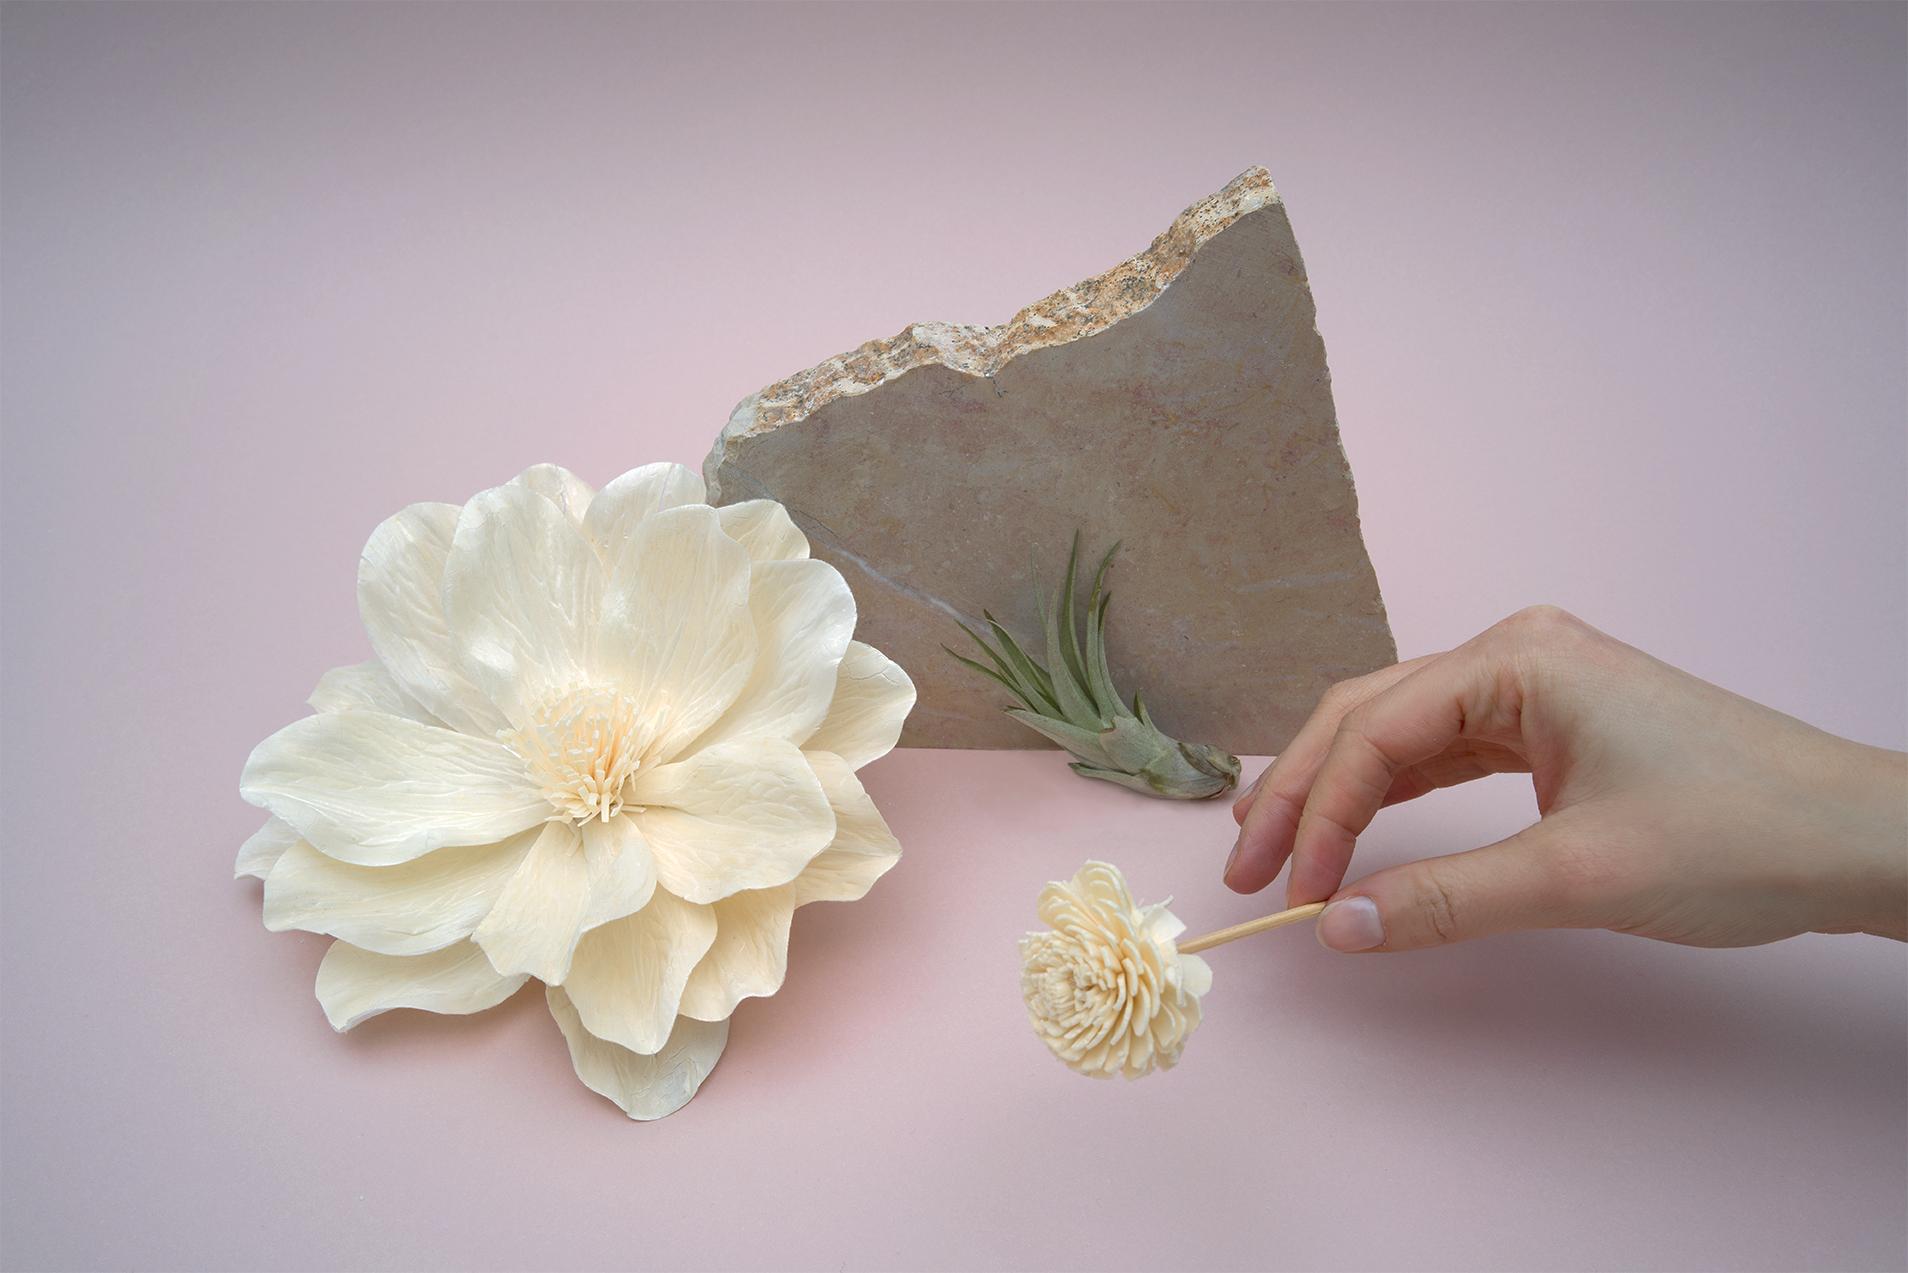 Les Petites Mouillettes : Fleurs biodégradables façonnées à la main